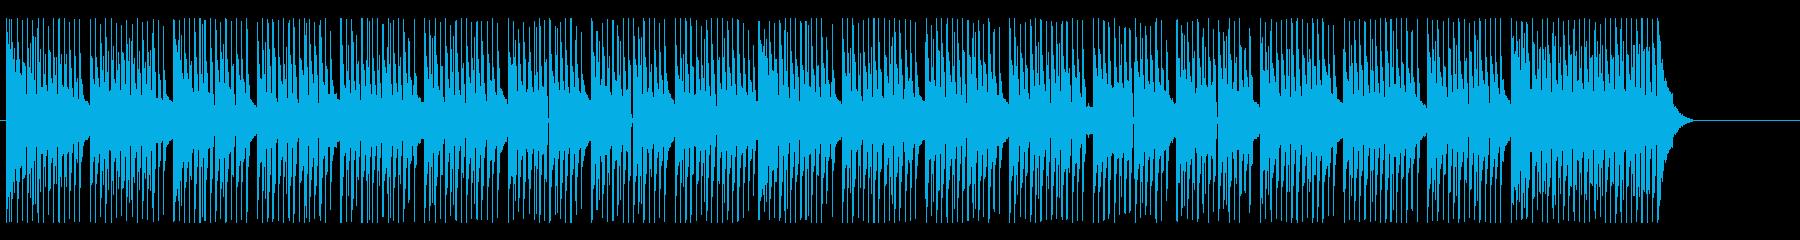 子供向けの楽しいコミカルポップの再生済みの波形